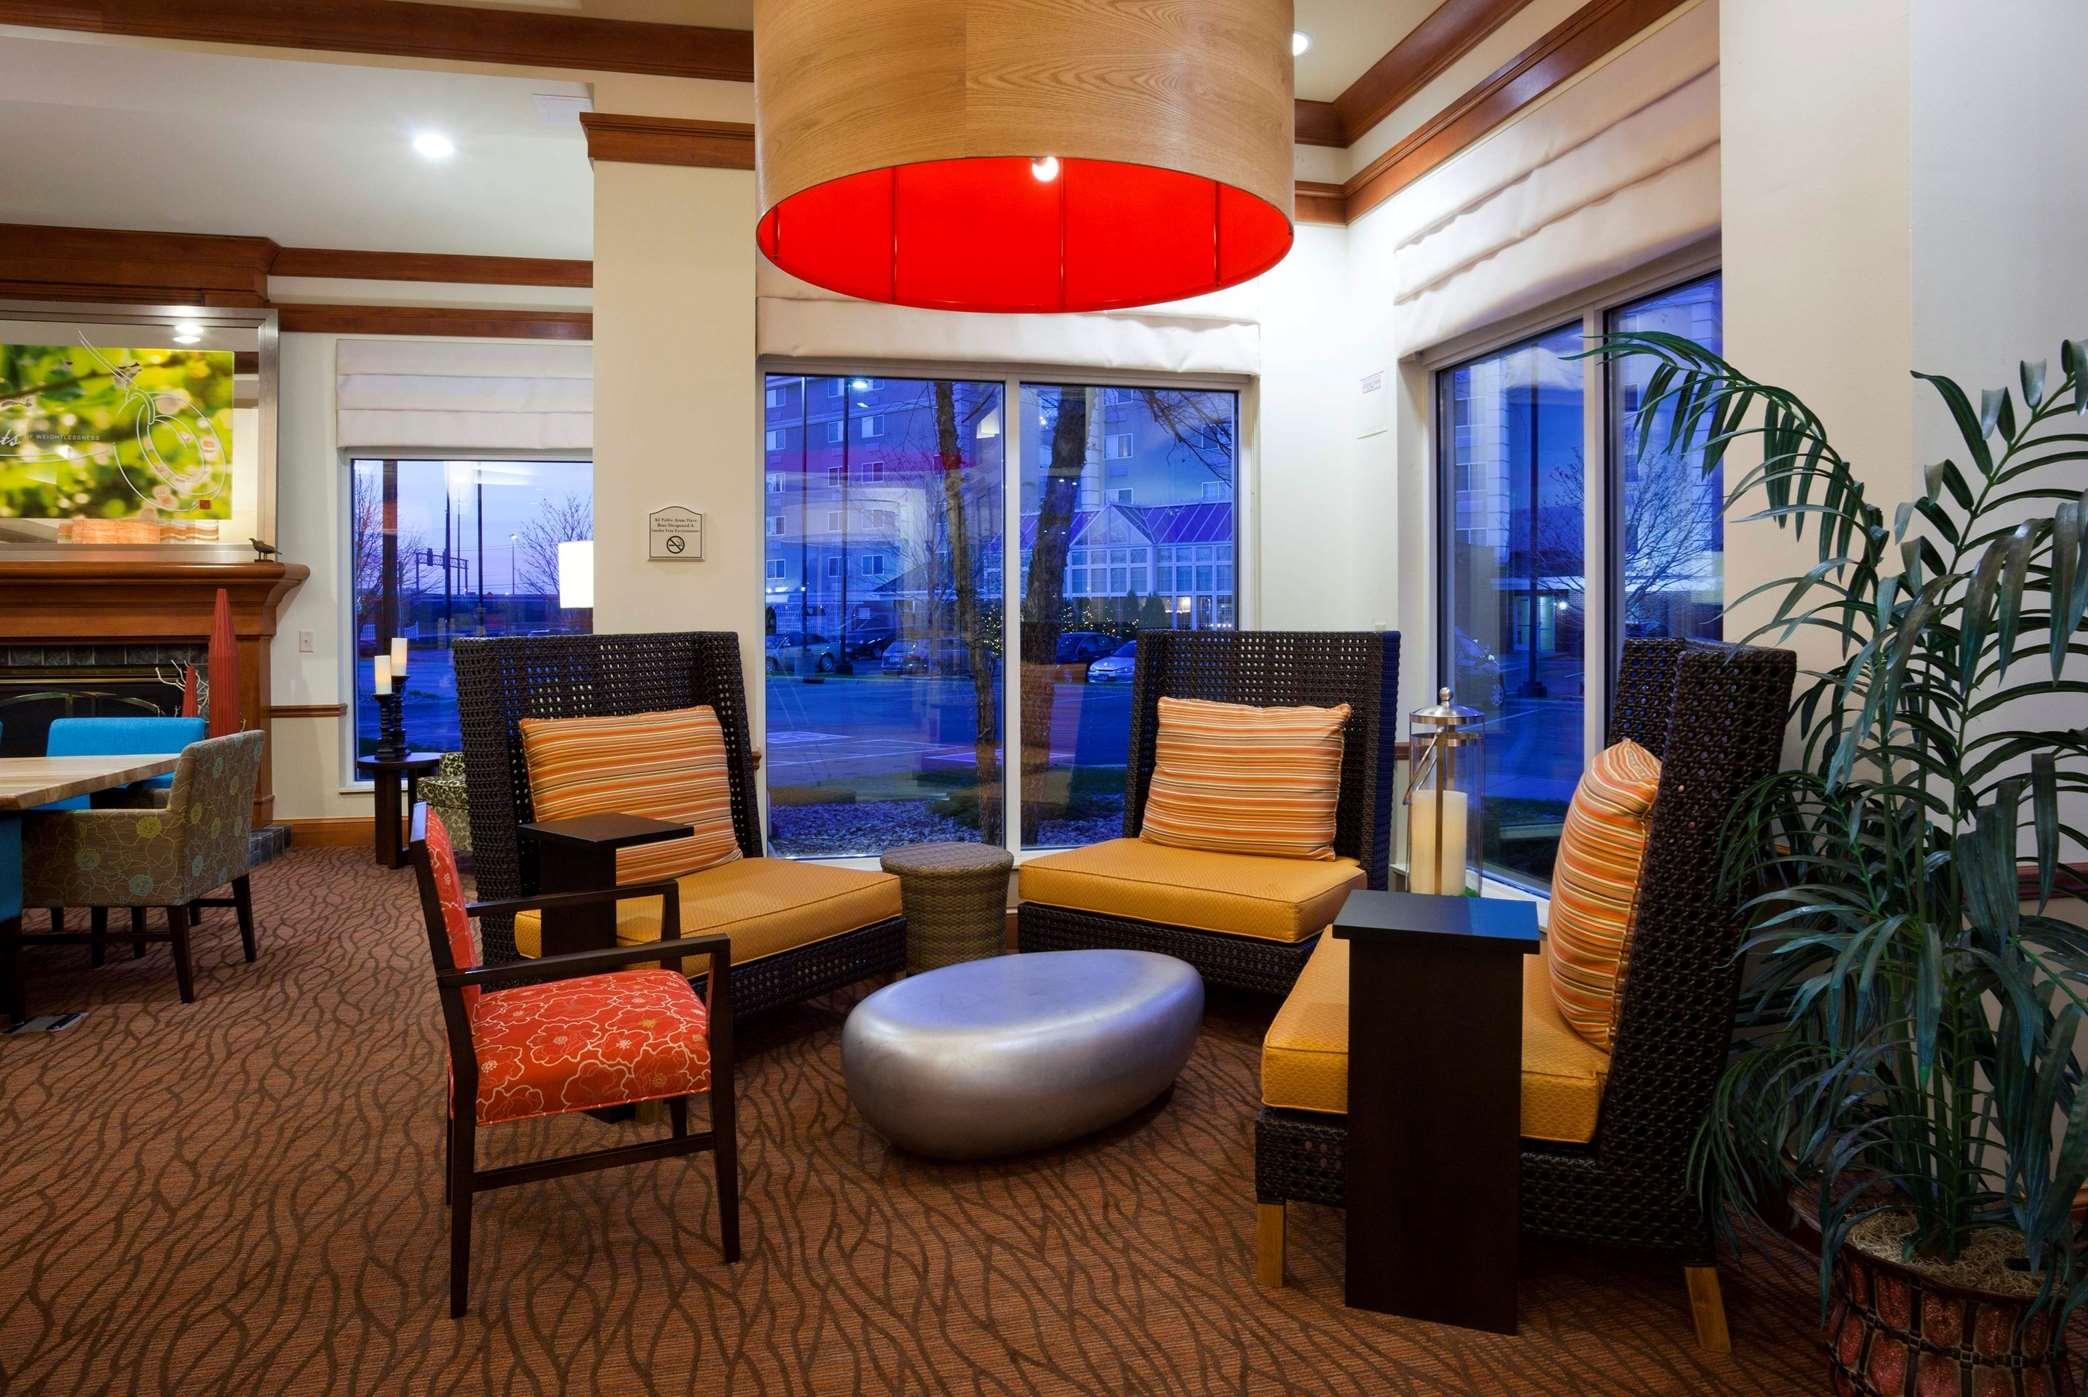 Hilton Garden Inn Minneapolis/Bloomington image 9